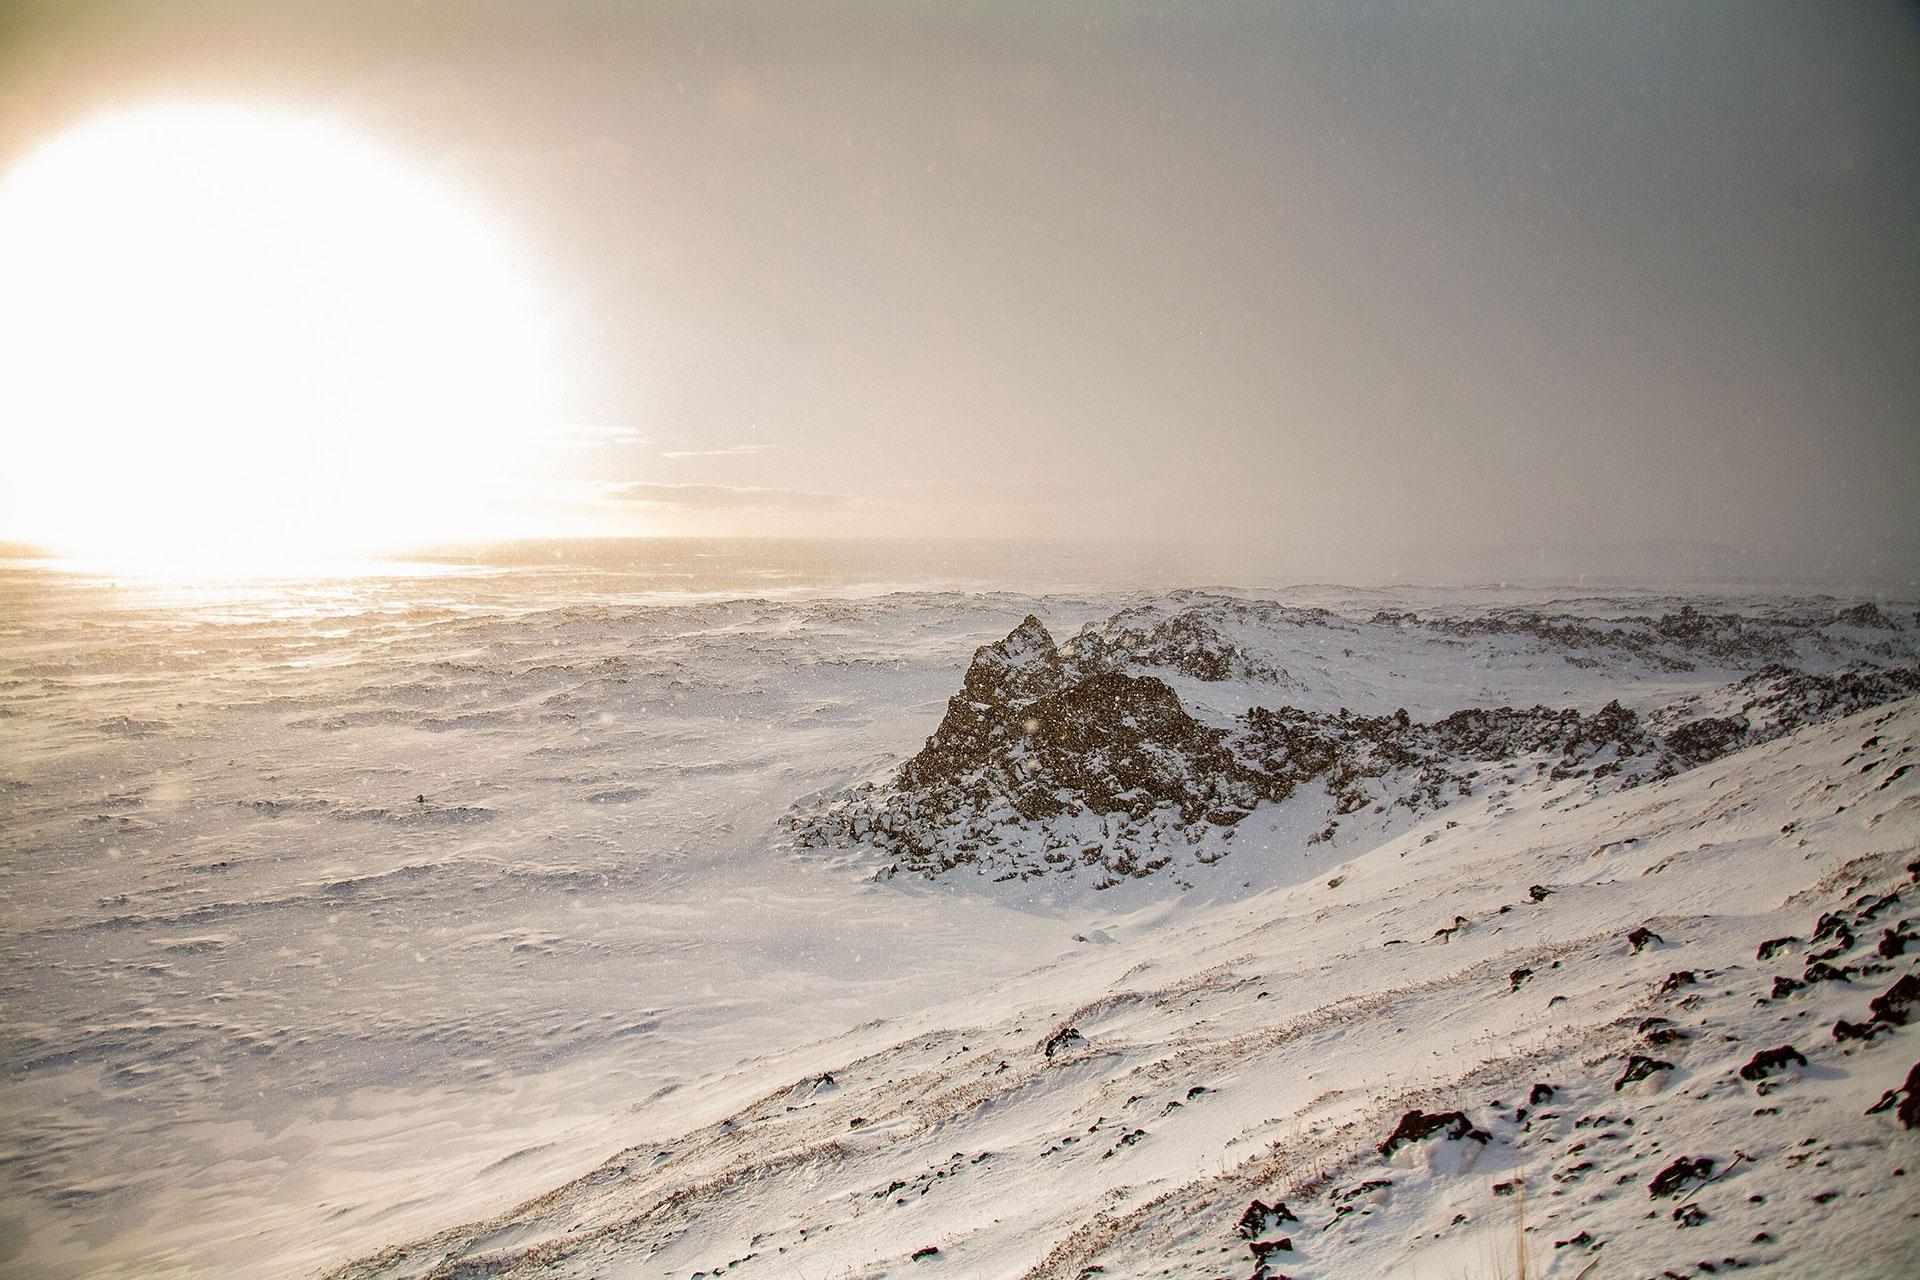 Widok z jednego z wulkanów - fot. Piotr Kopaniszyn